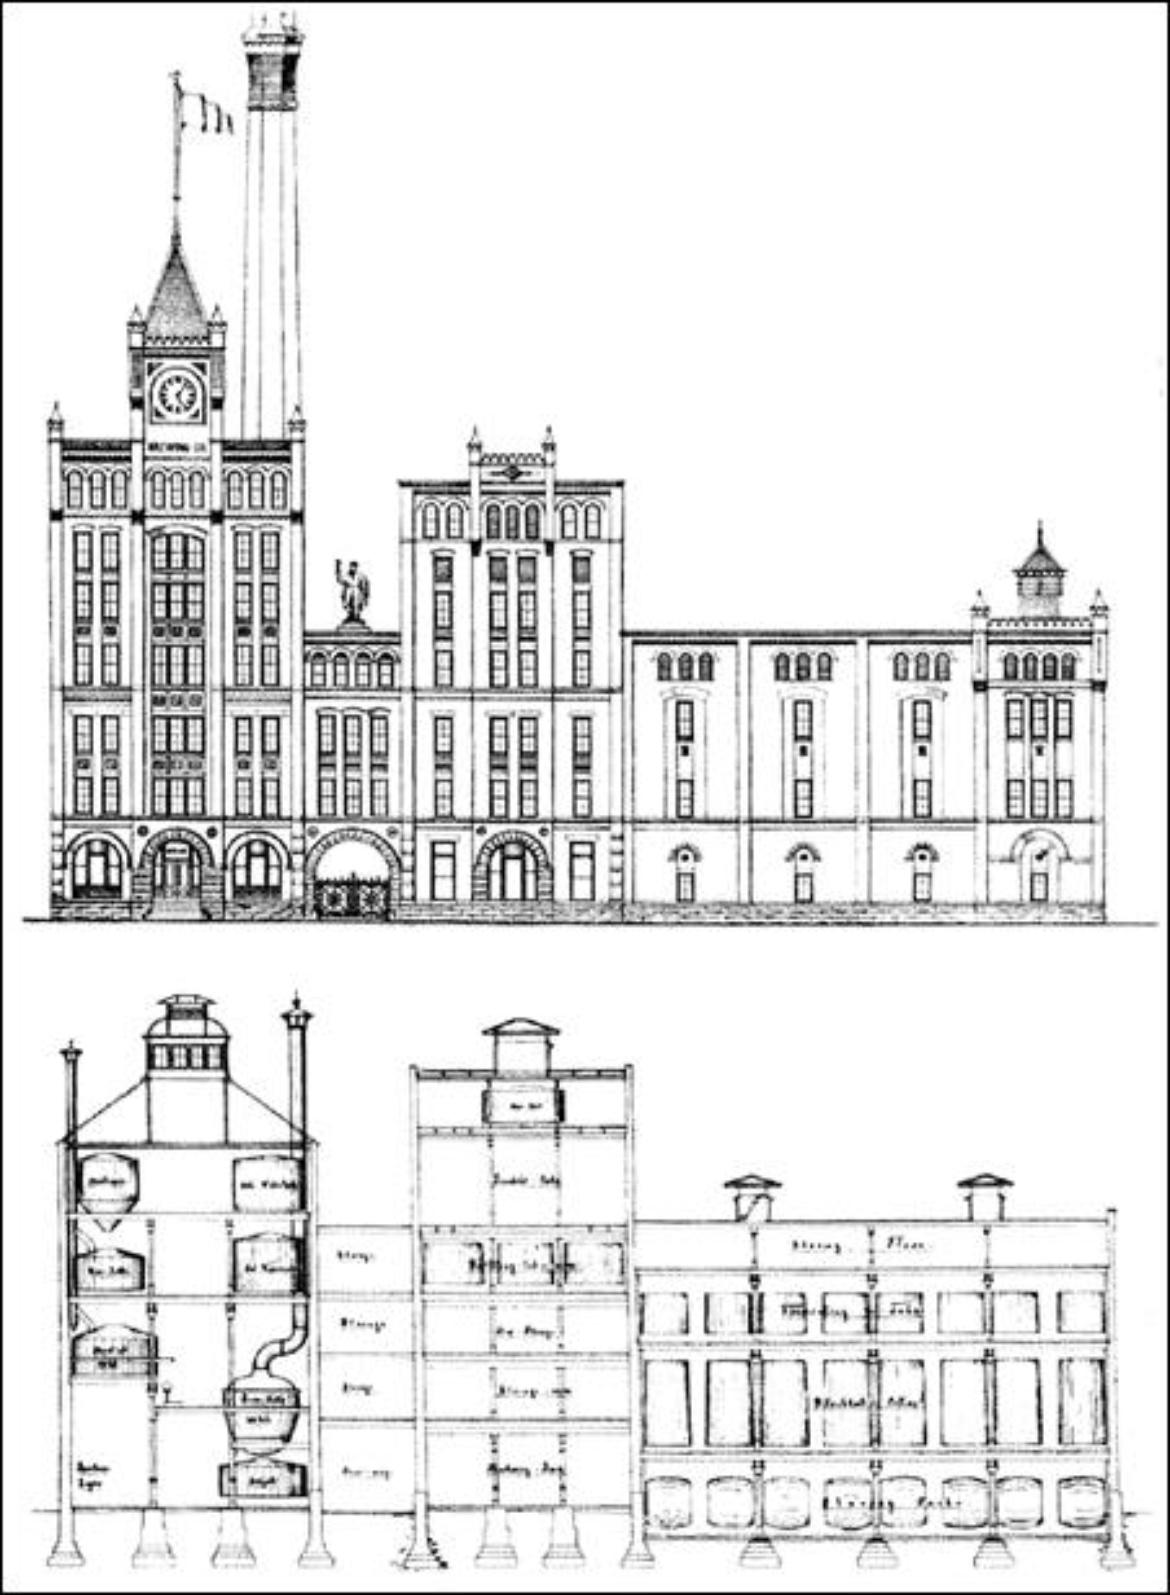 zwei Pläne einer modernen Brauerei nach Louis Lehle um 1900  (c)